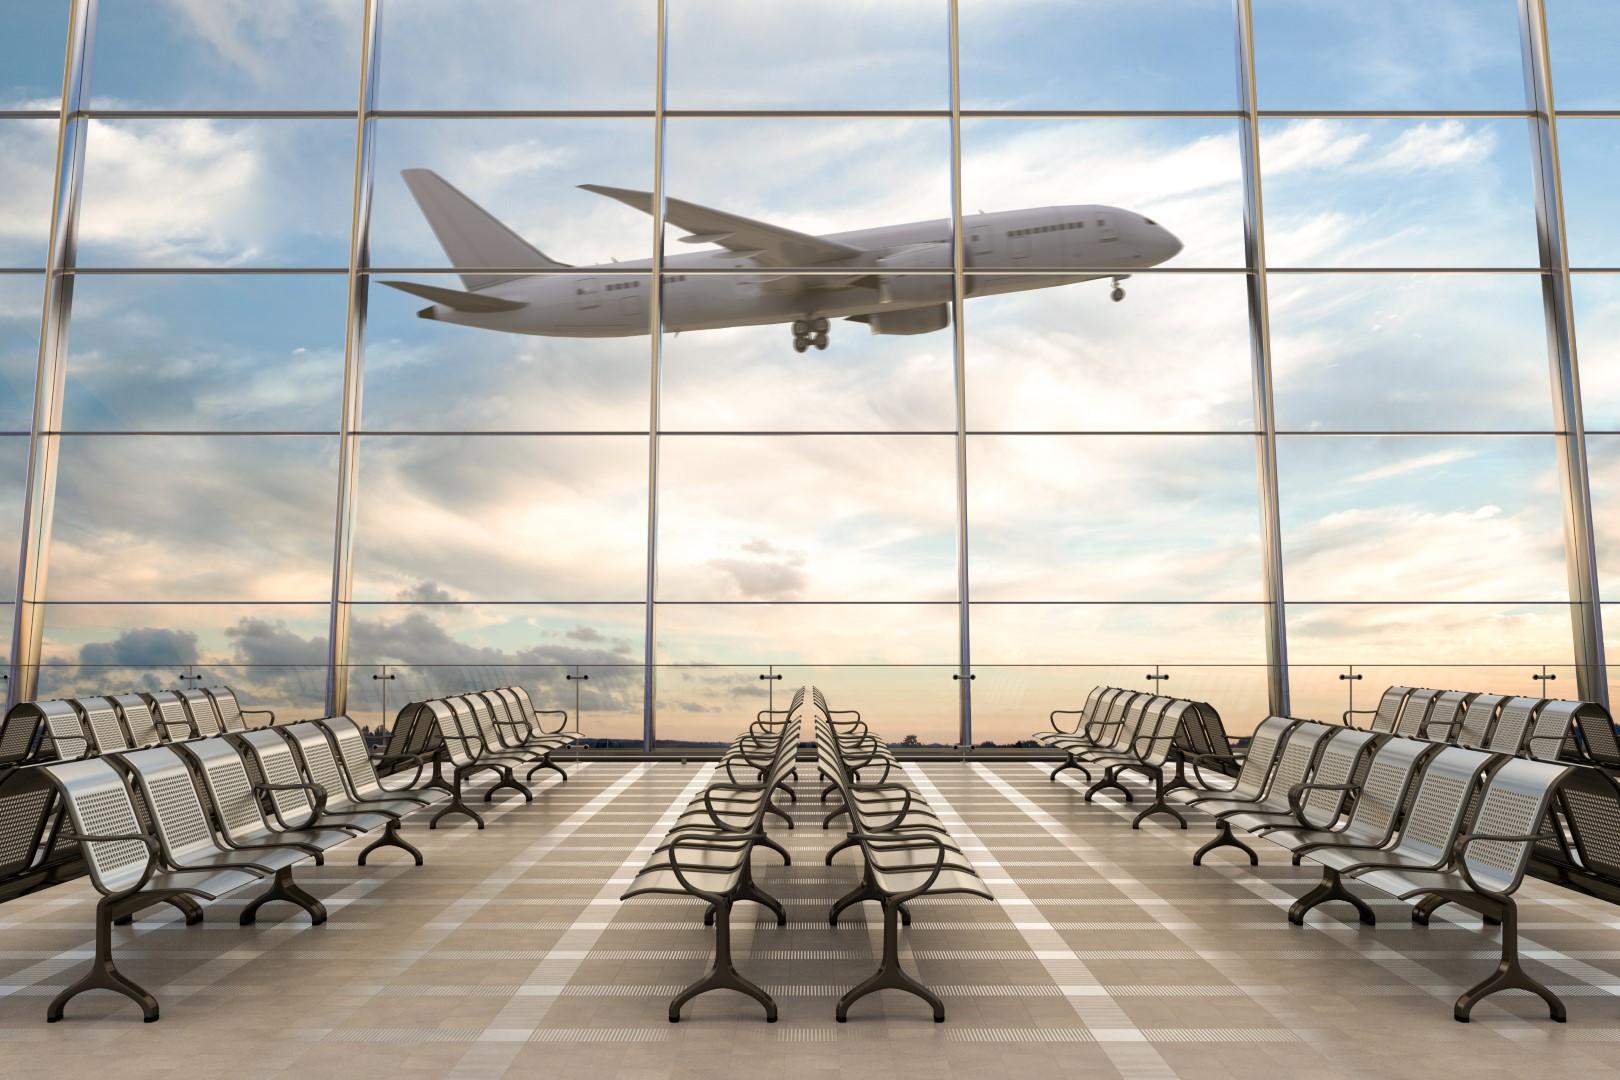 Kompanija Fraport Greece planira modernizaciju aerodroma Makedonia